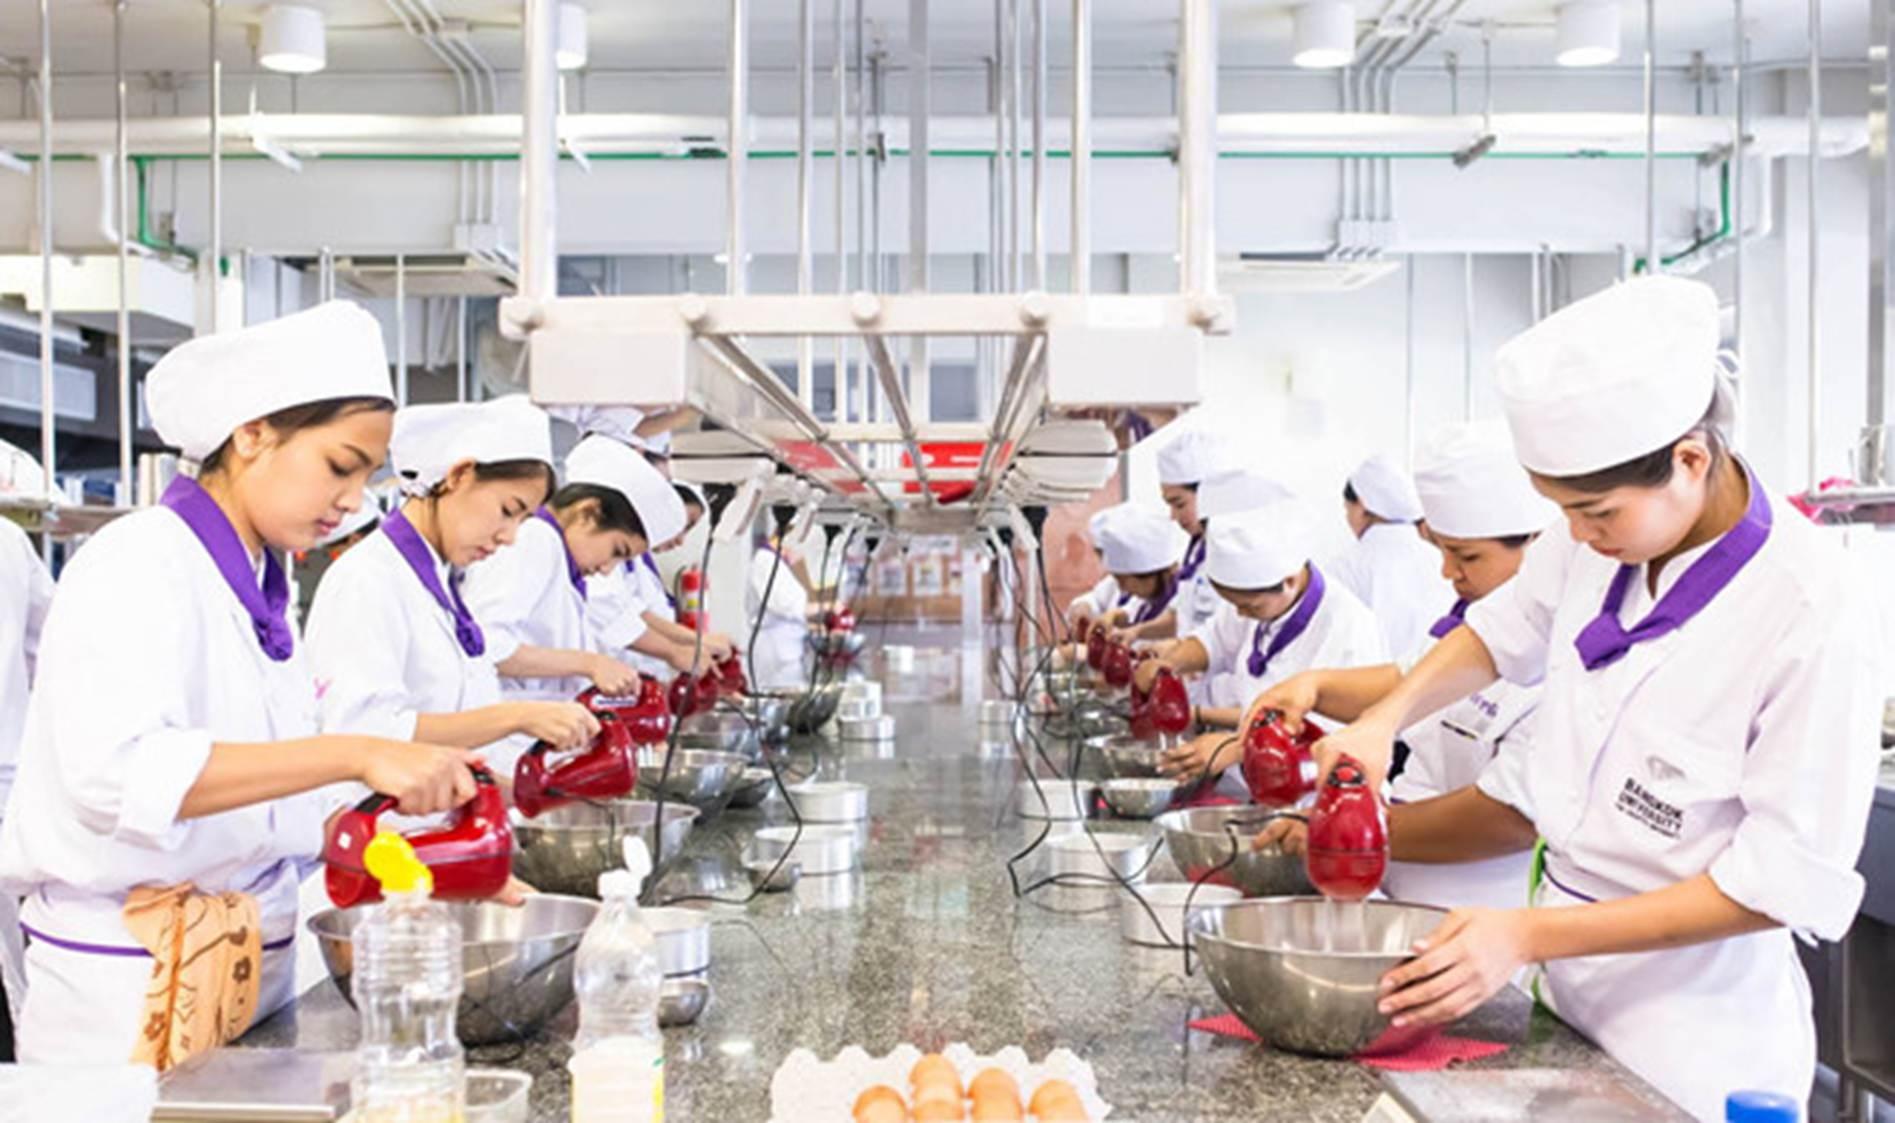 Đại học ở Thái Lan có đồng phục đầu bếp, bartender cho sinh viên-4